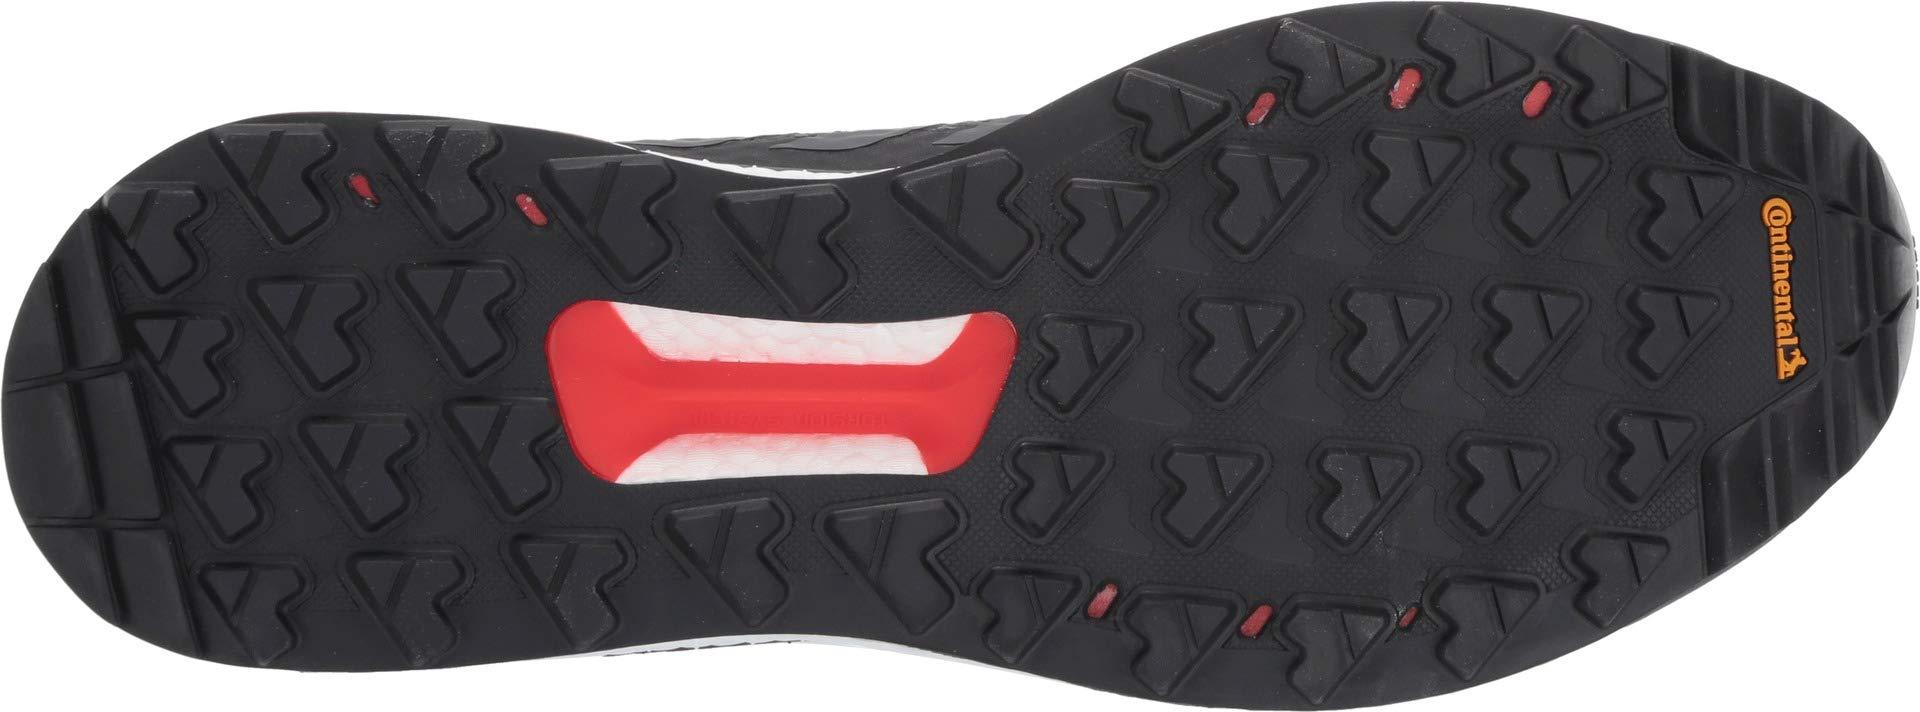 adidas outdoor Terrex Free Hiker Boot - Men's Black/Grey Six/Active Orange, 8.0 by adidas outdoor (Image #3)